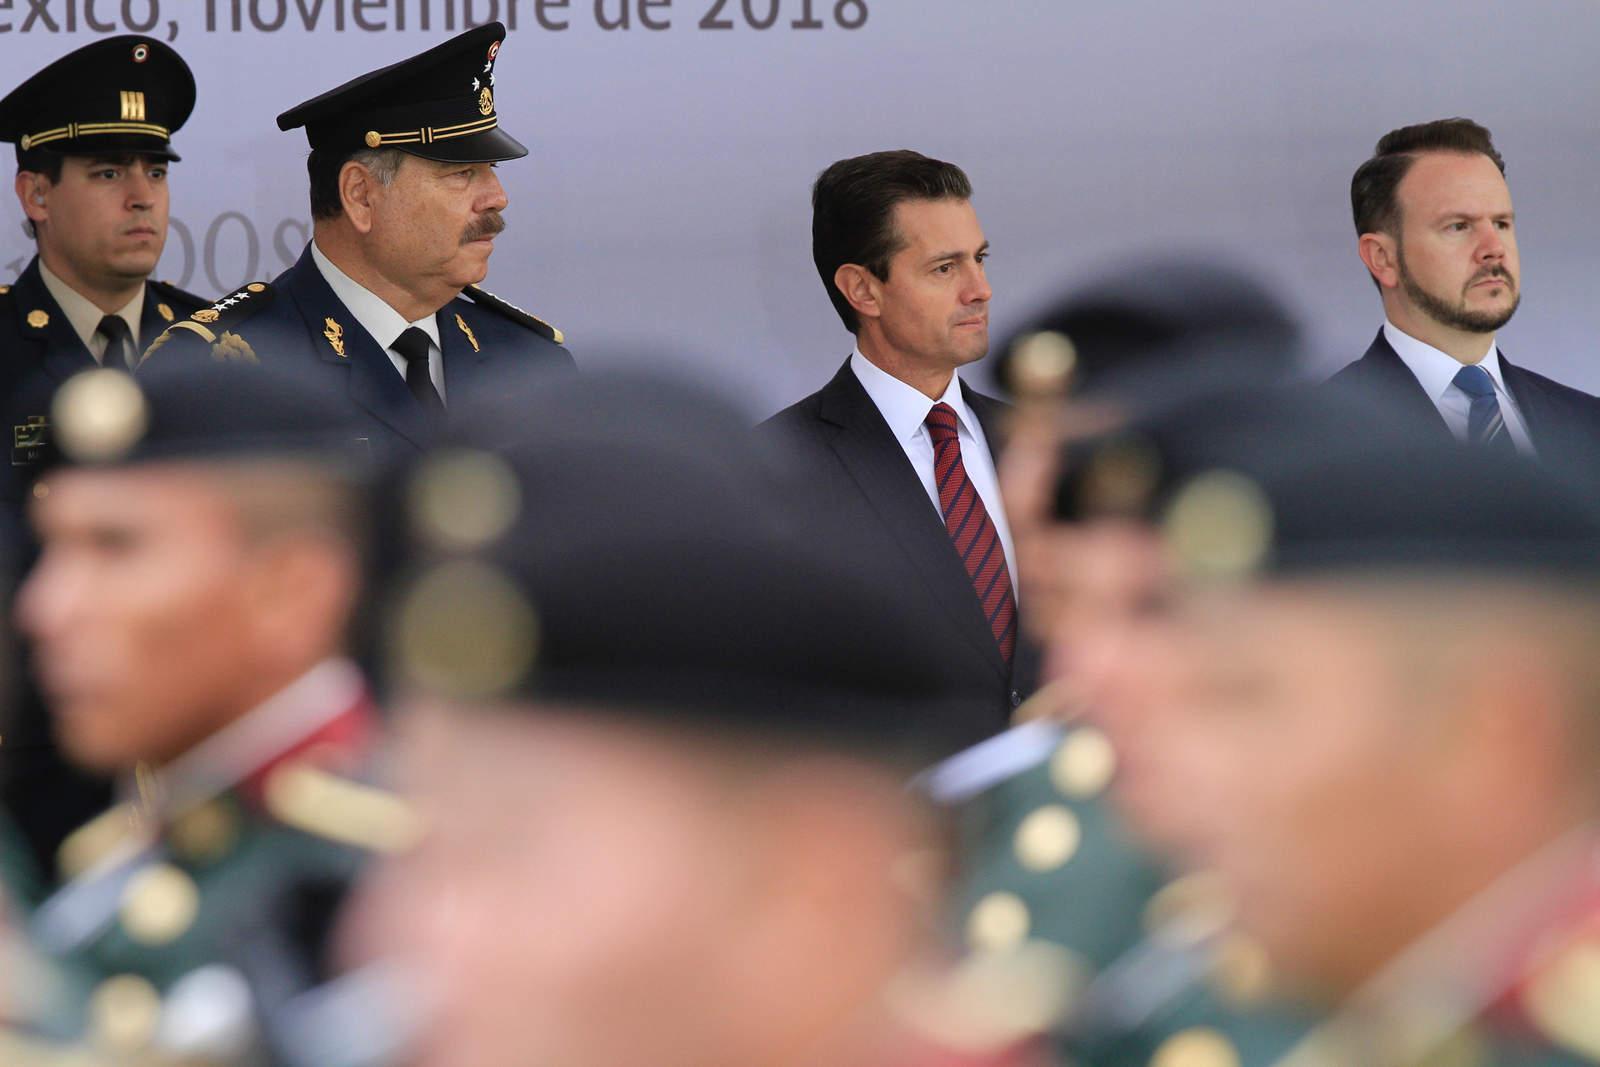 EPN llama a guardias presidenciales a contribuir con lealtad